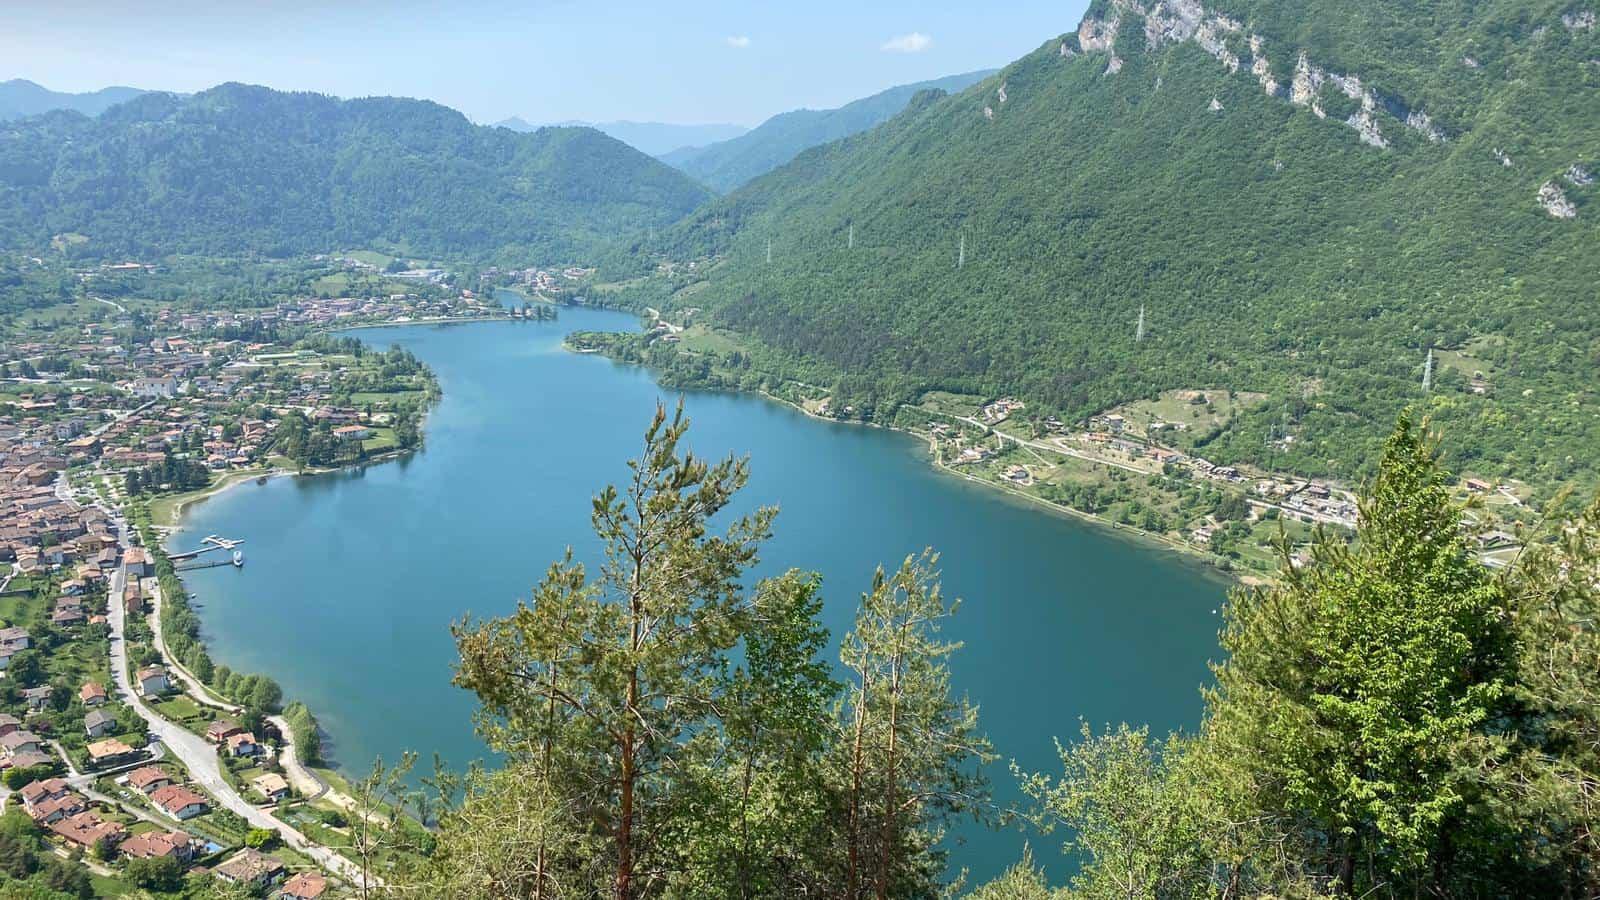 Vista lago d'IDro - Foto Credits camping Pilù